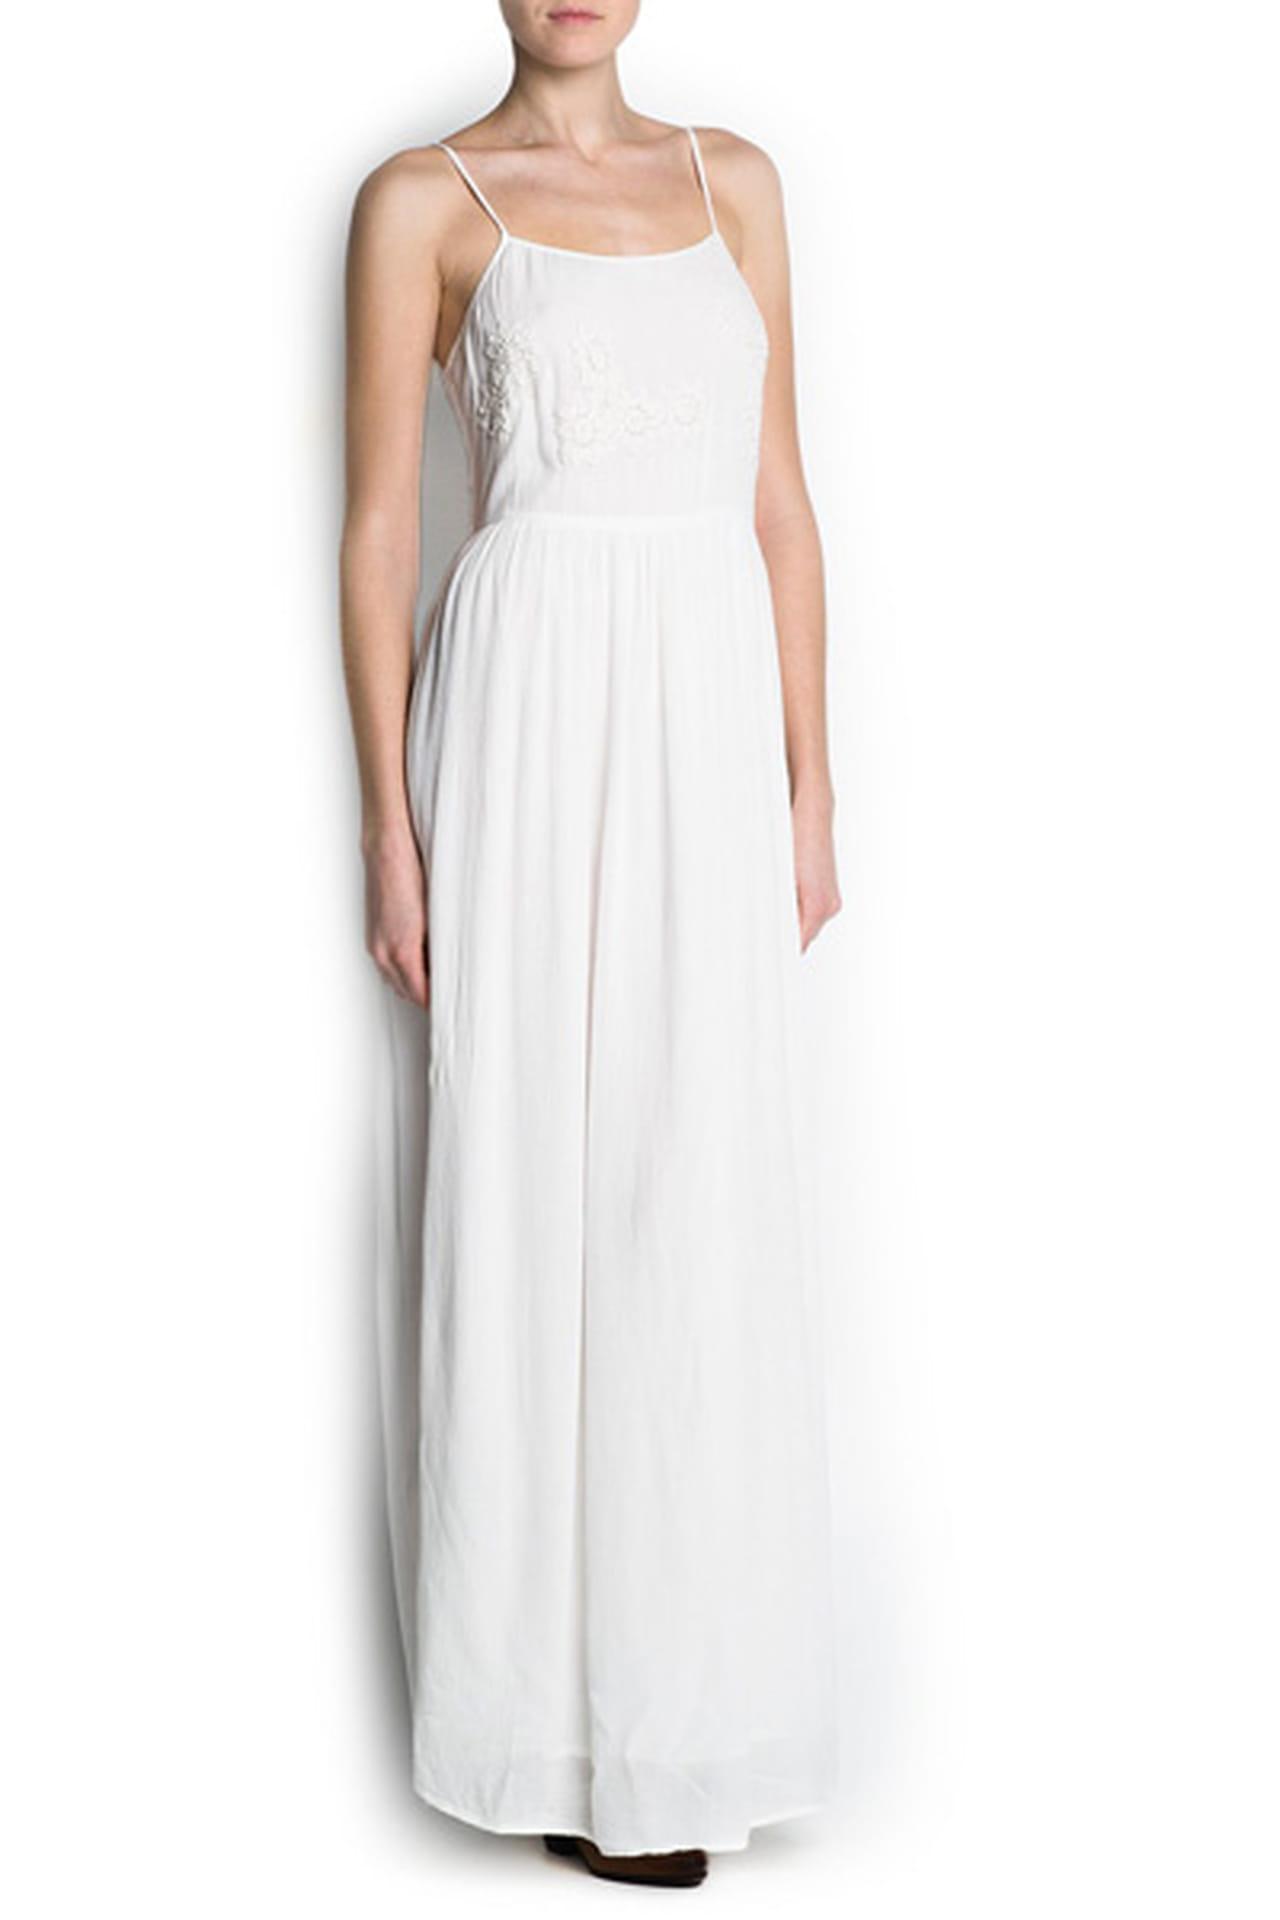 0ddab3fc7c03b فستان أبيض طويل من Mango. فستان أبيض من Mango. من موضة صيف 2013